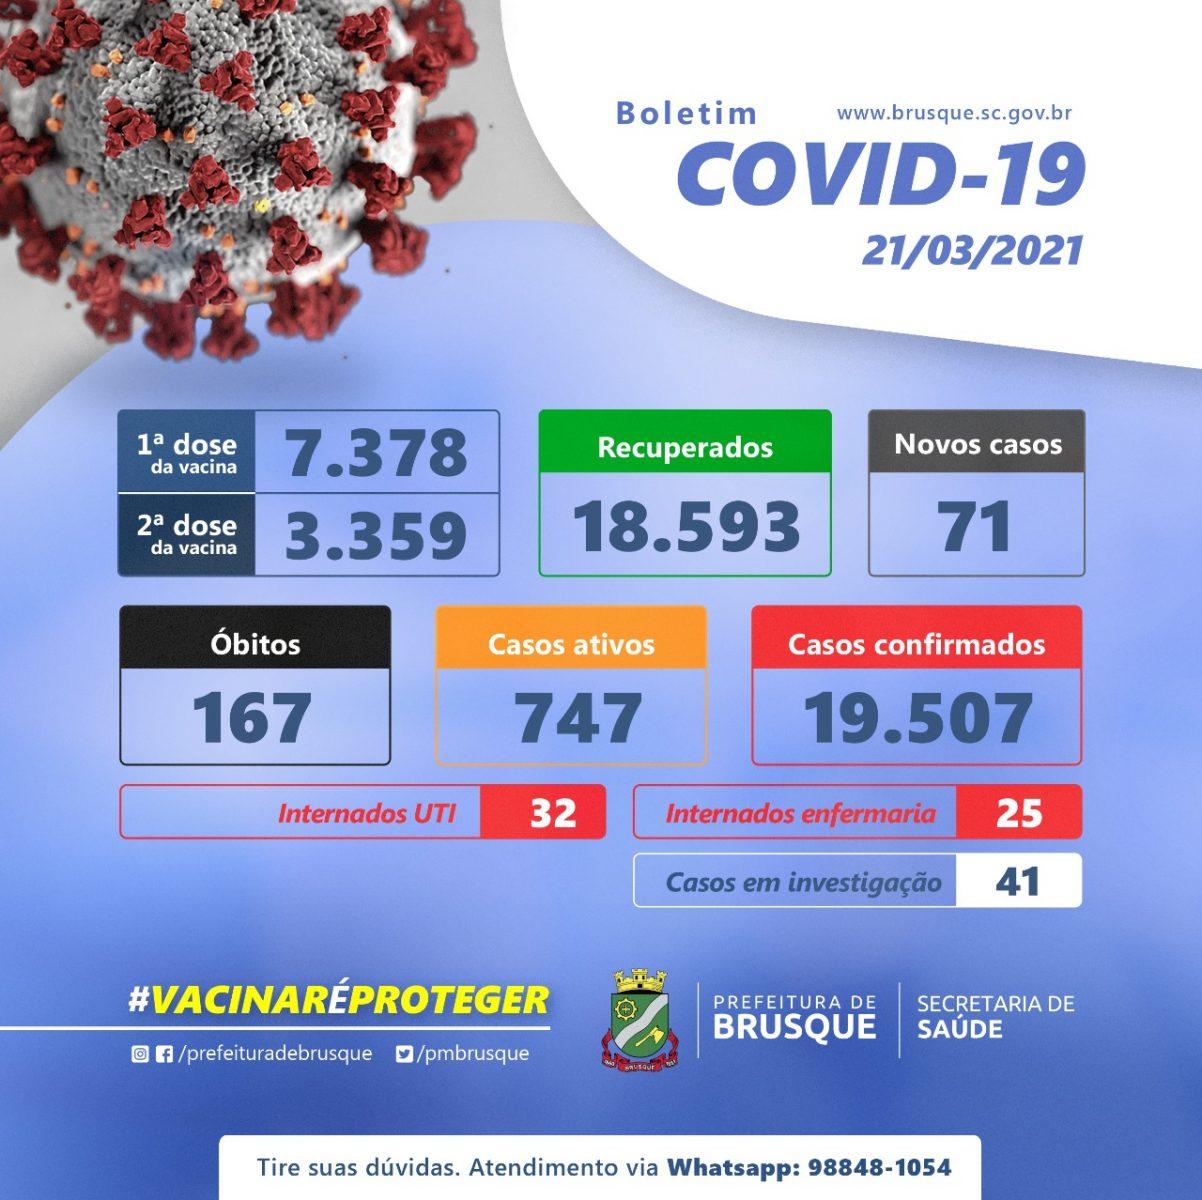 Covid-19: Confira o boletim epidemiológico deste domingo (21)